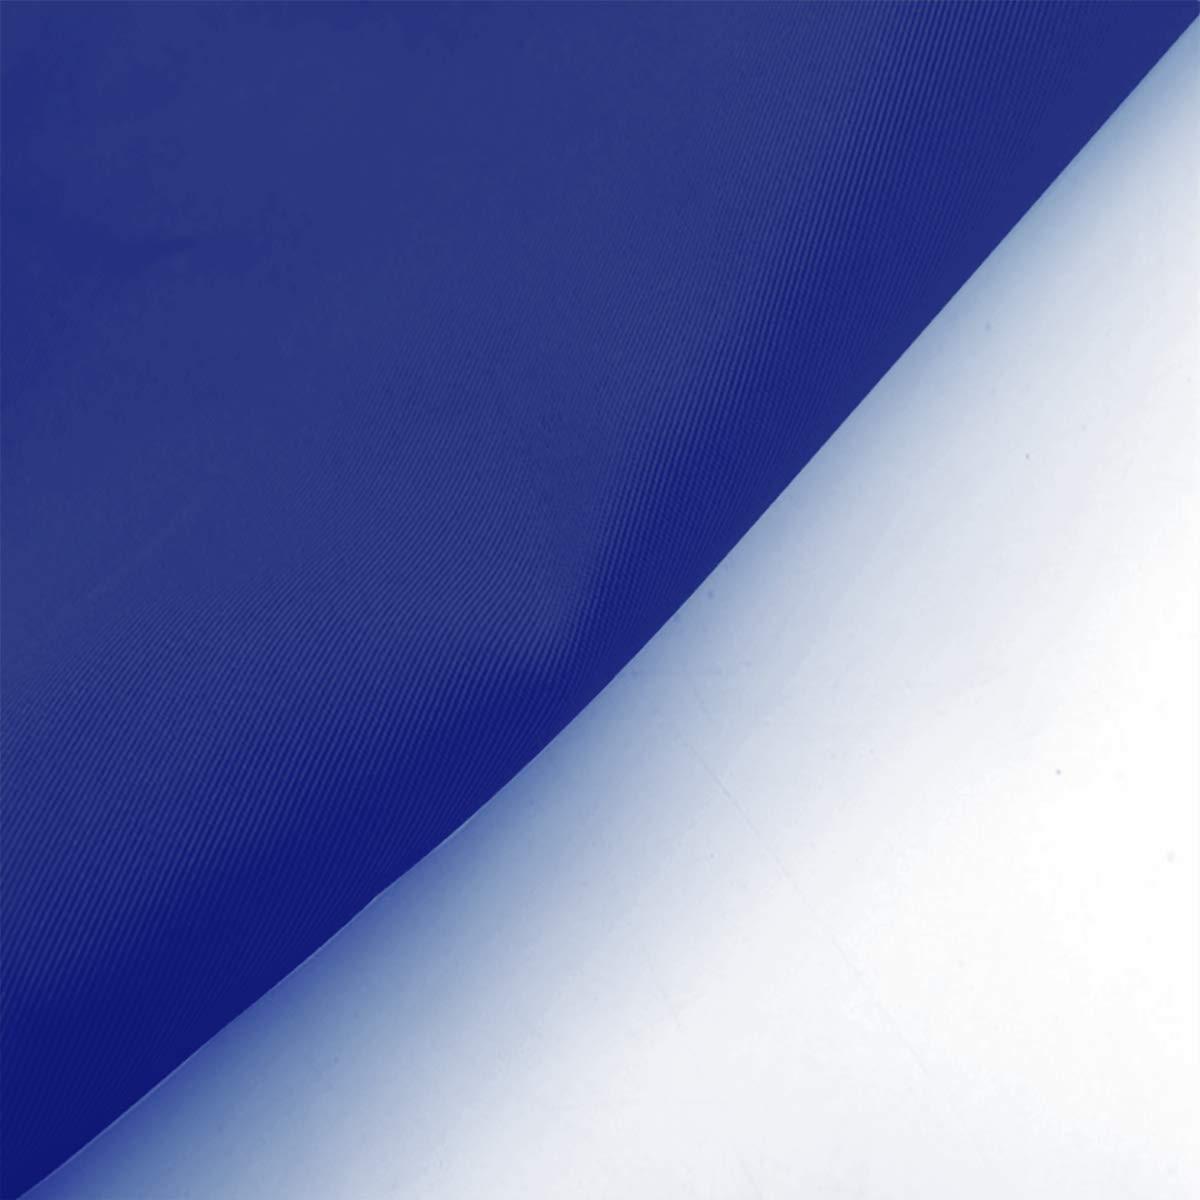 Backen Kochen Laborkleidungsschutz/—/—2-6 Jahre blau kindersch/ürze,Kind Malsch/ürze Lange /Ärmel Taschensch/ürze malkittel kinder Geeignet zum Malen